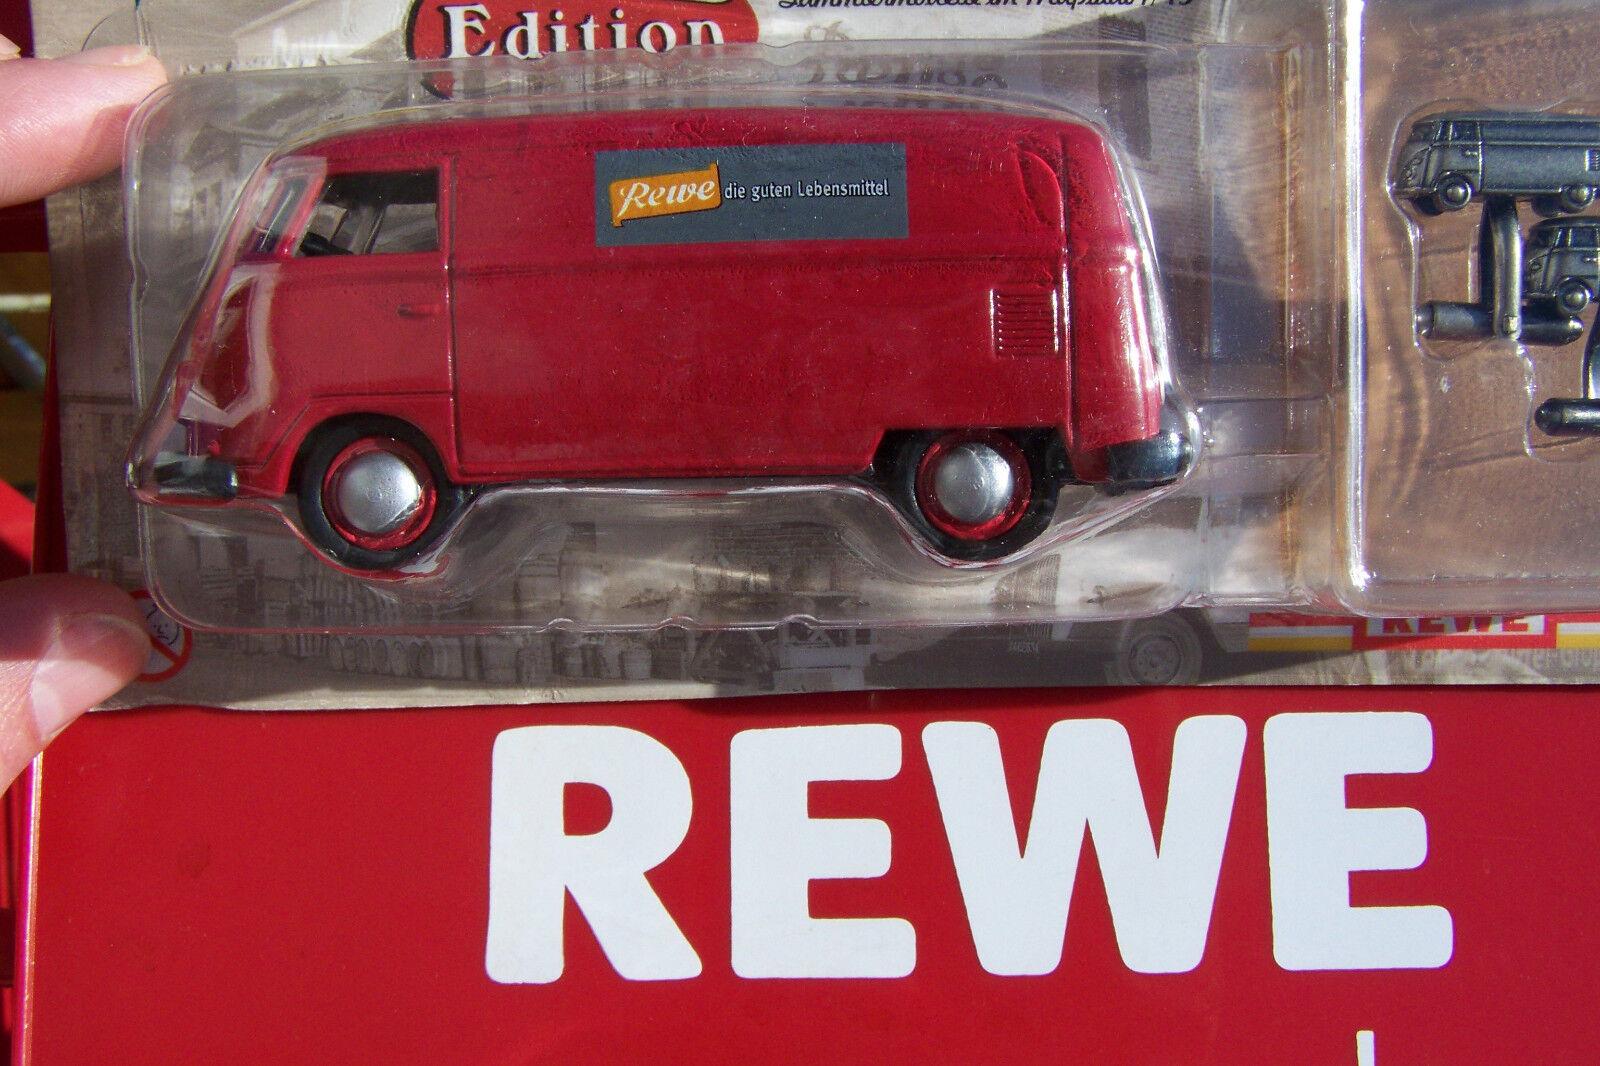 VW t1 1 43 - Rewe en transformación del tiempo-Edition-sin usar en OVP-rareza